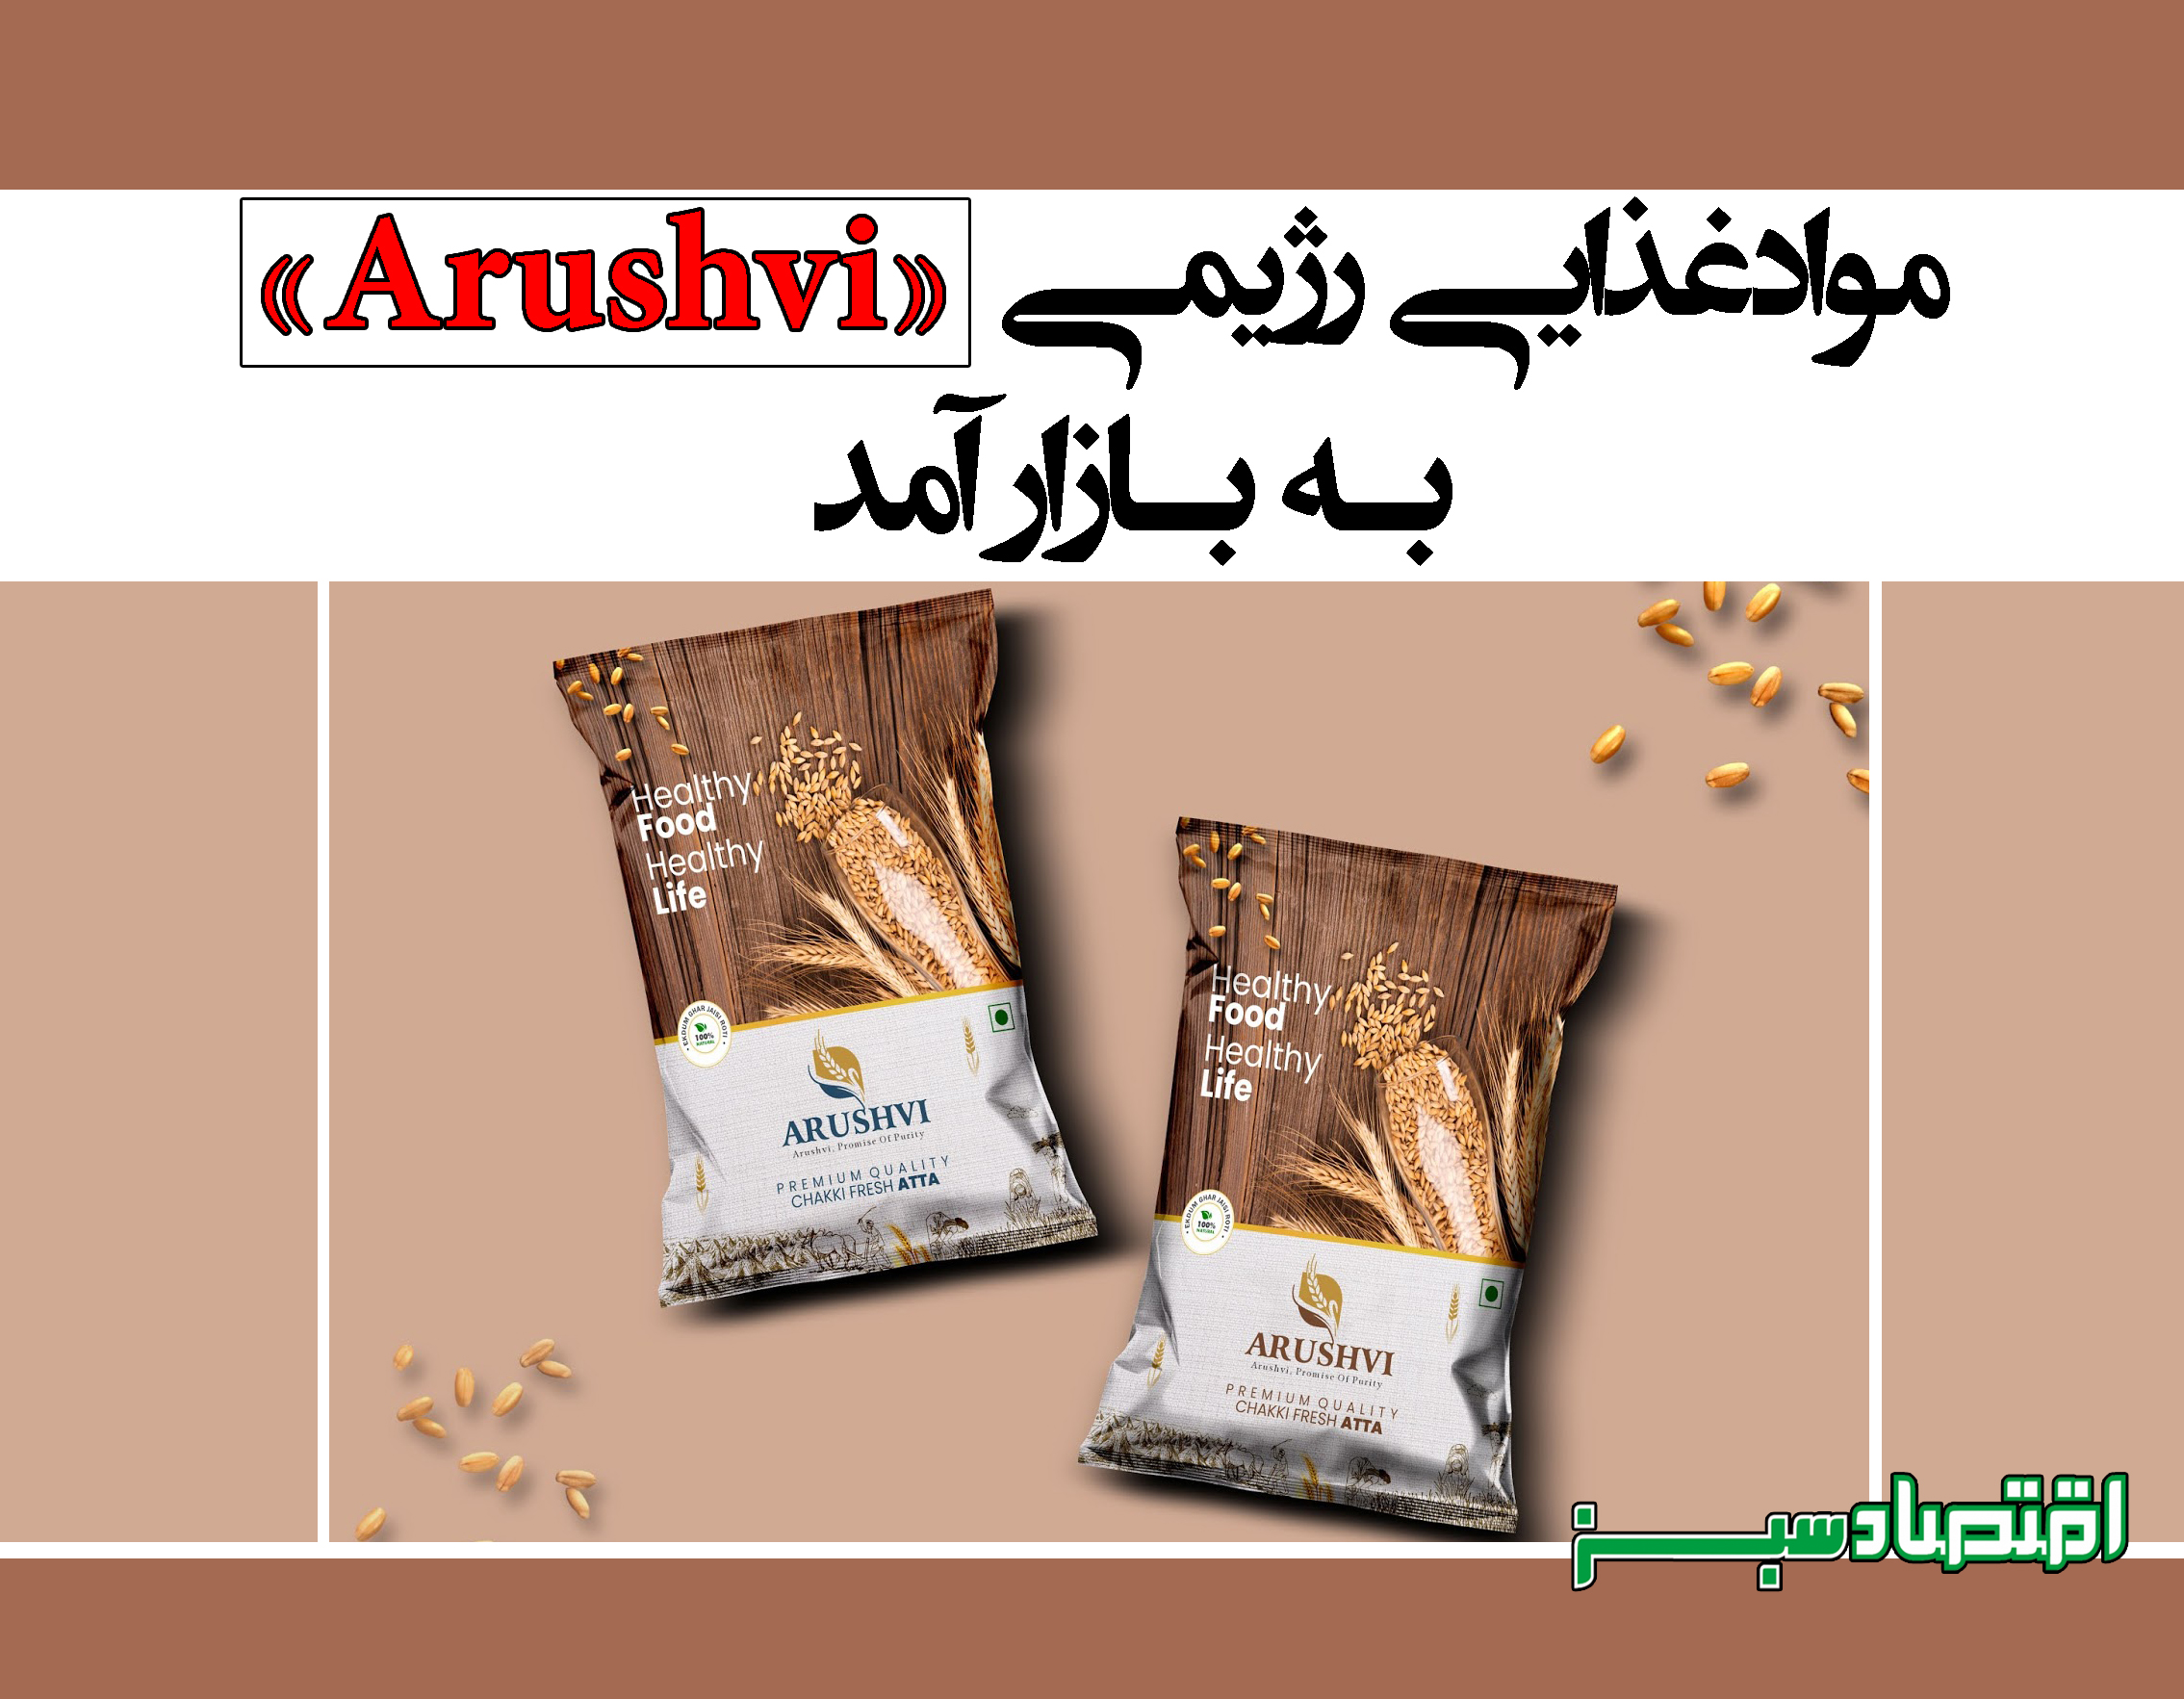 موادغذایی رژیمی «Arushvi» به بازار آمد